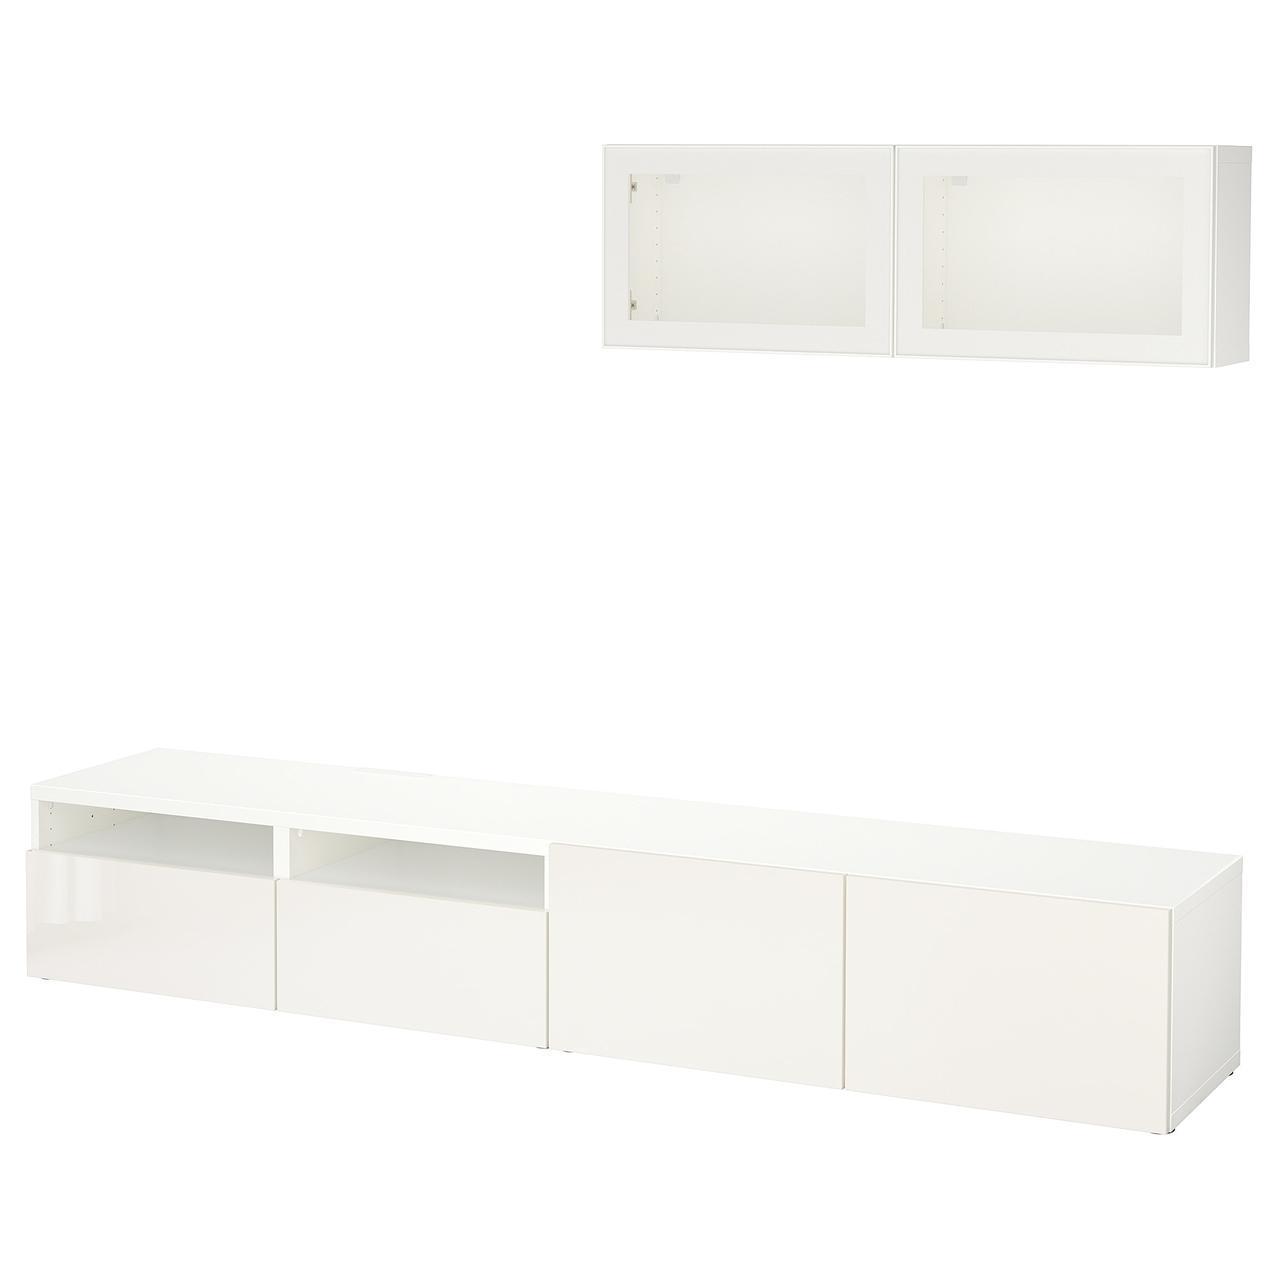 IKEA BESTA Тумба под телевизор с стеклянными дверьми, белый, Сельсвикен глянцевый/белый (991.904.83)